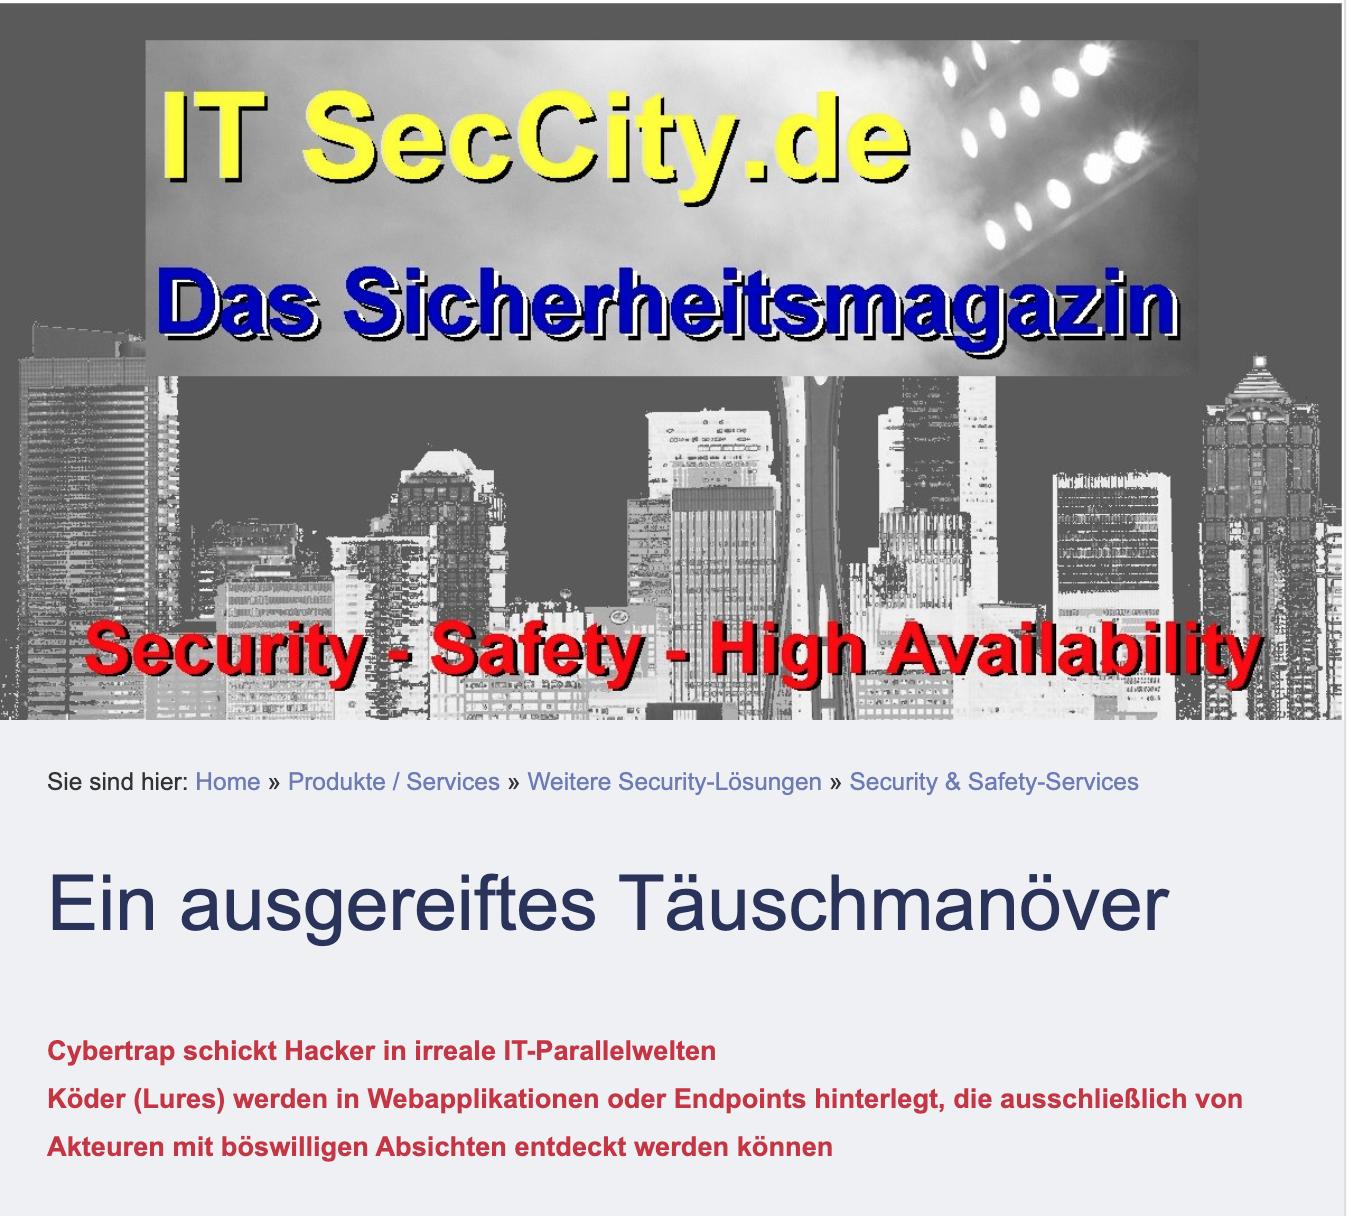 2019.8.27 Itseccity.de